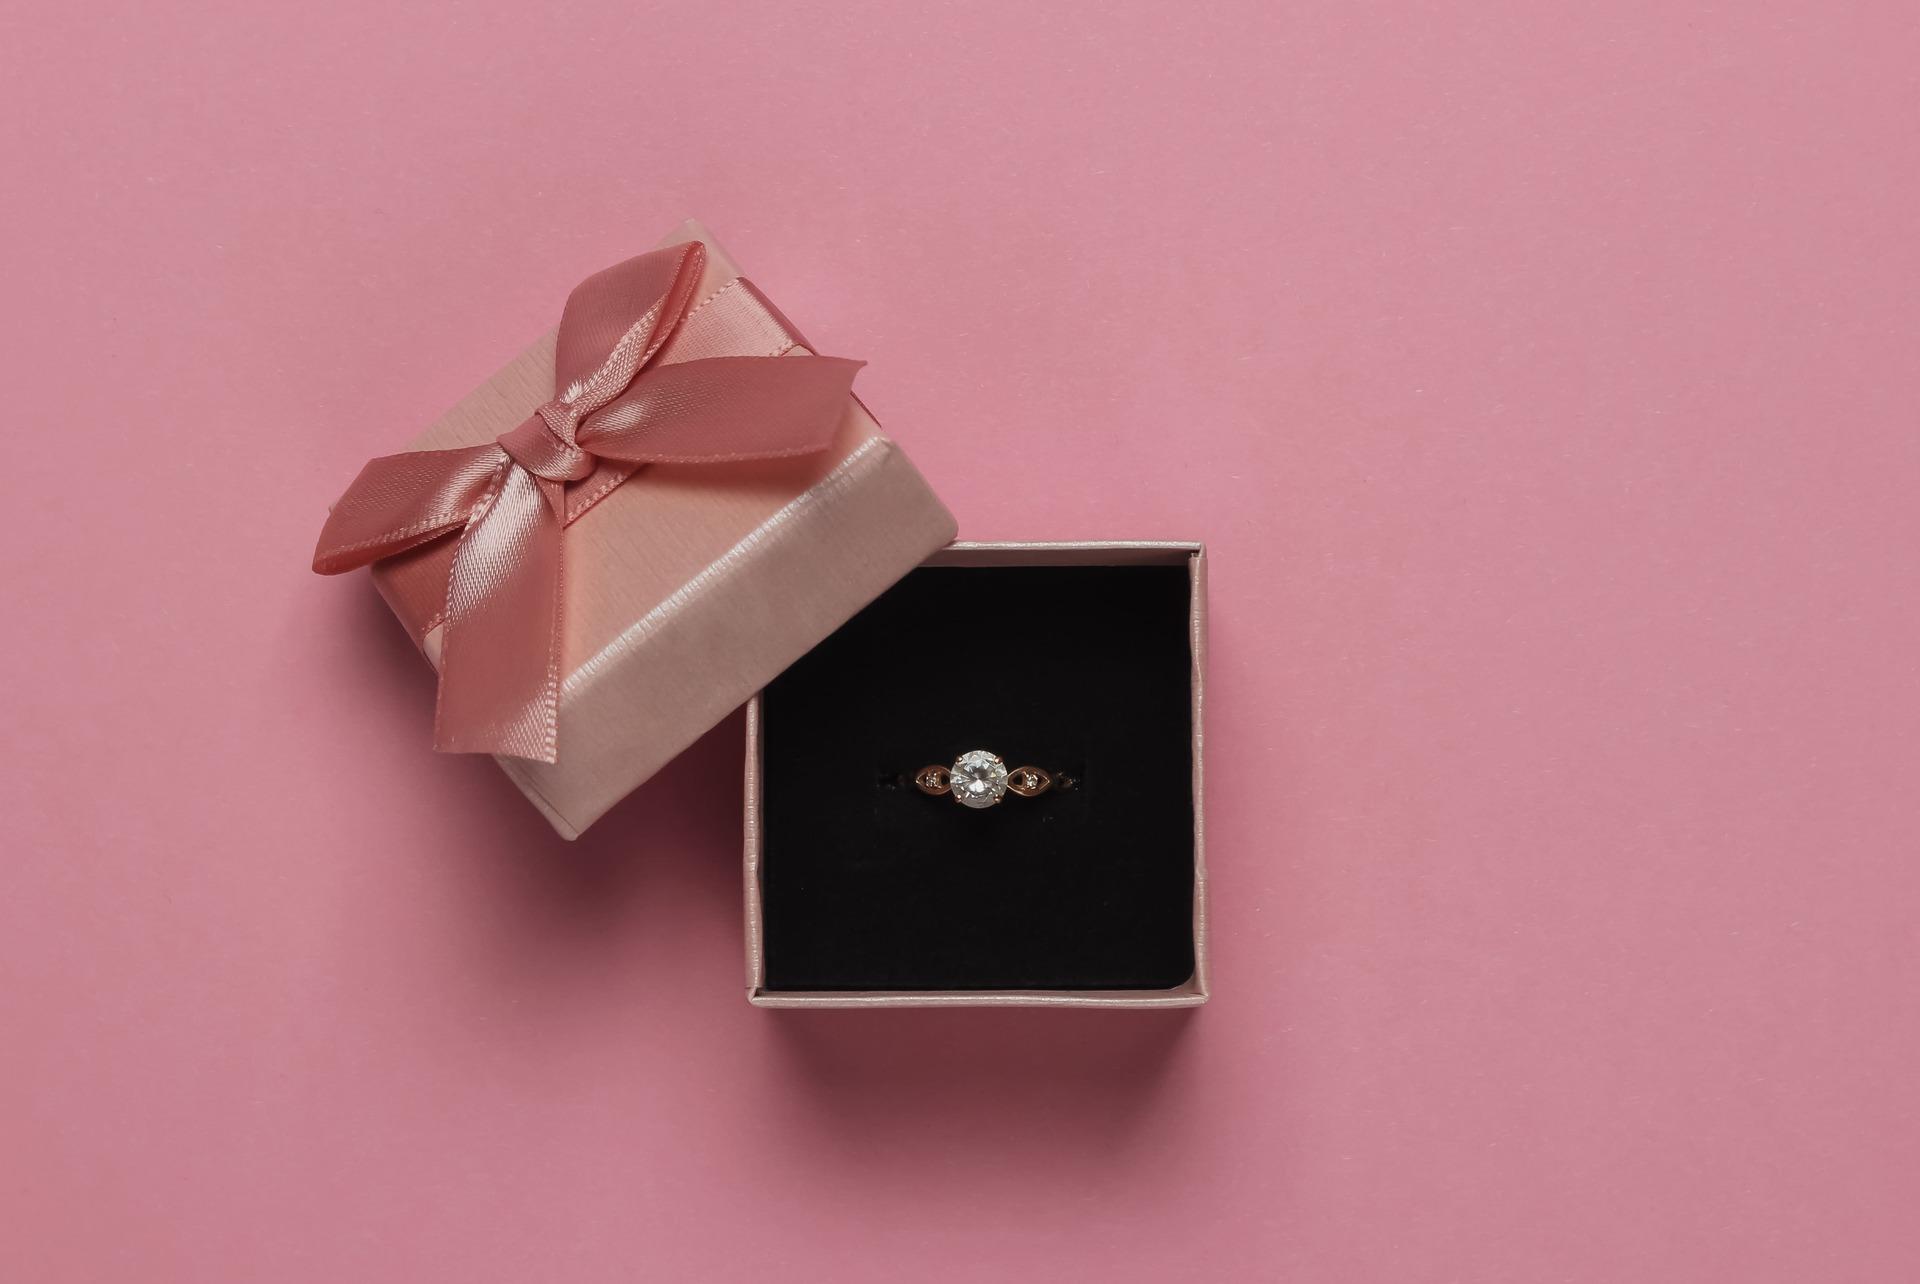 Bague diamant or rose : les infos clés